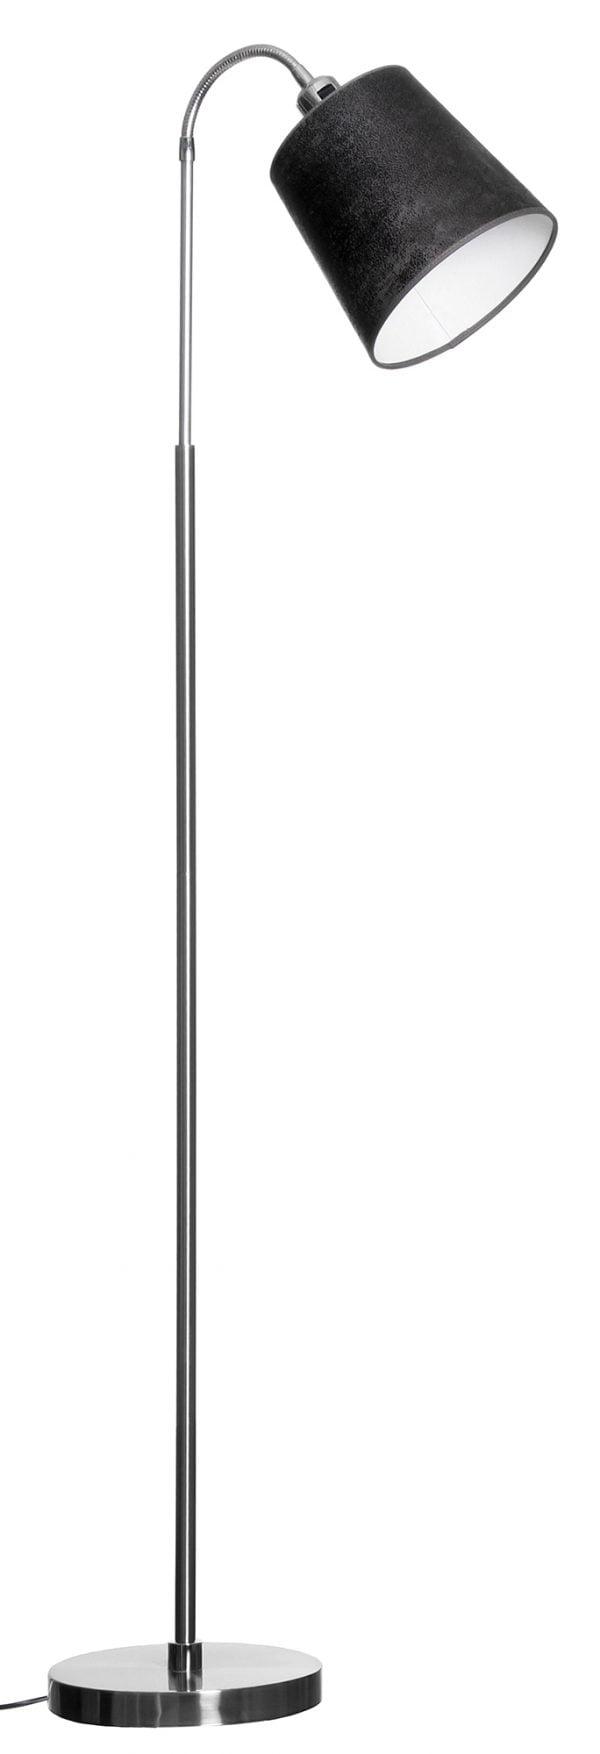 Harjatun teräksen värinen lattiavalaisin, jossa on suora runko ja taivuteltava varsi. Varren päässä on musta varjostin. Pohja on pyöreä. Johto on musta.